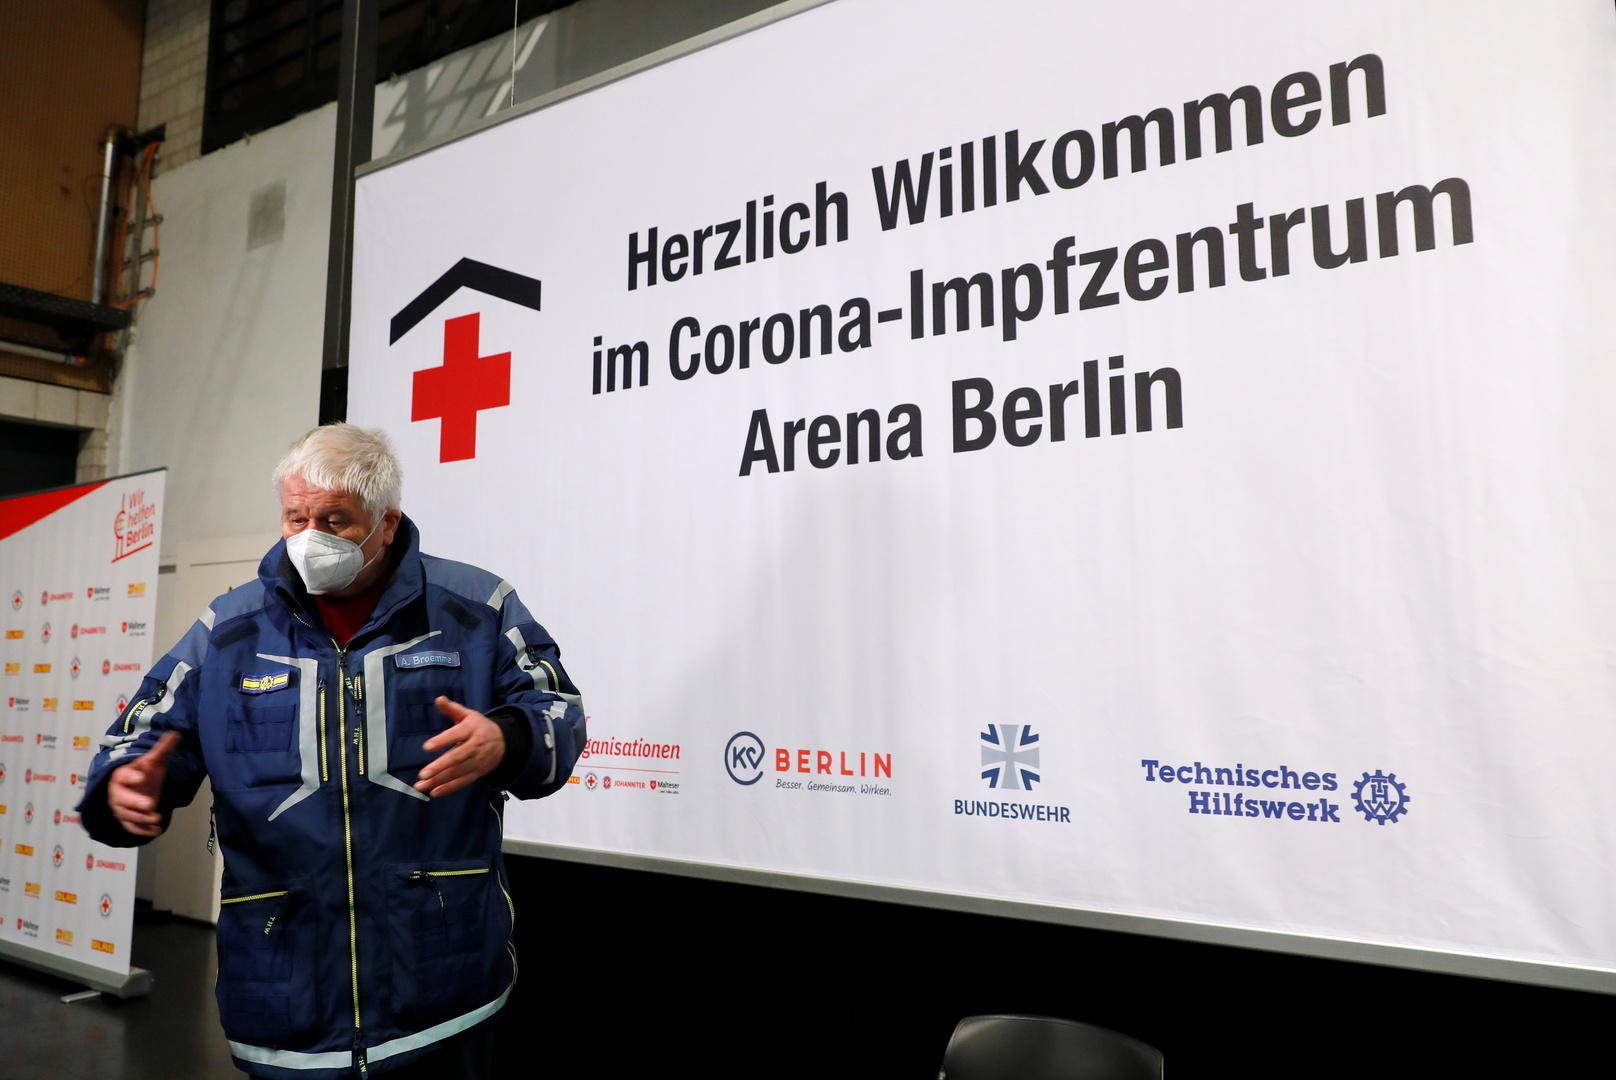 ألمانيا تسجل 312 وفاة بكورونا خلال 24 ساعة ودعوات لتمديد الإغلاق